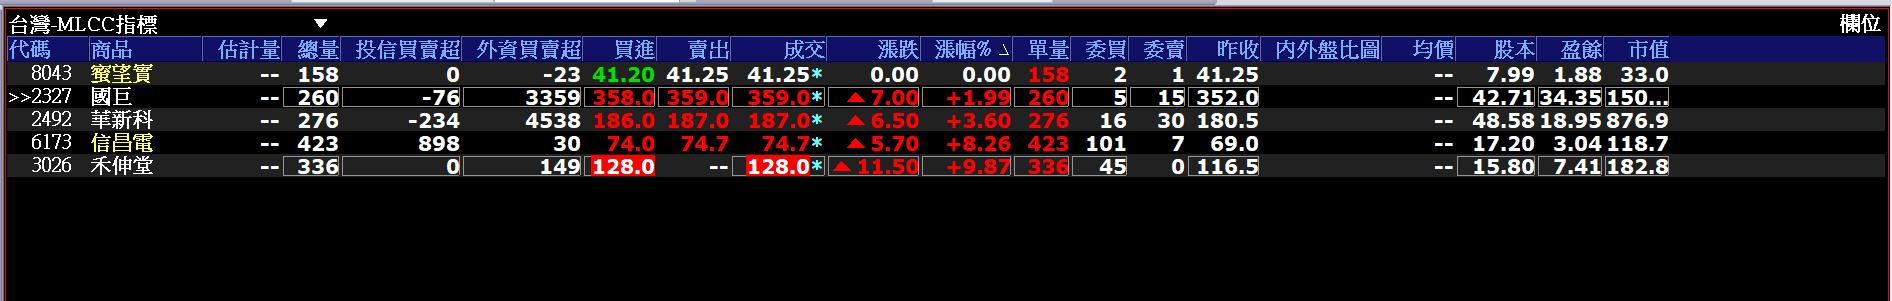 今日重點股被動元件族群MLCC(國巨,信昌電,華新科)